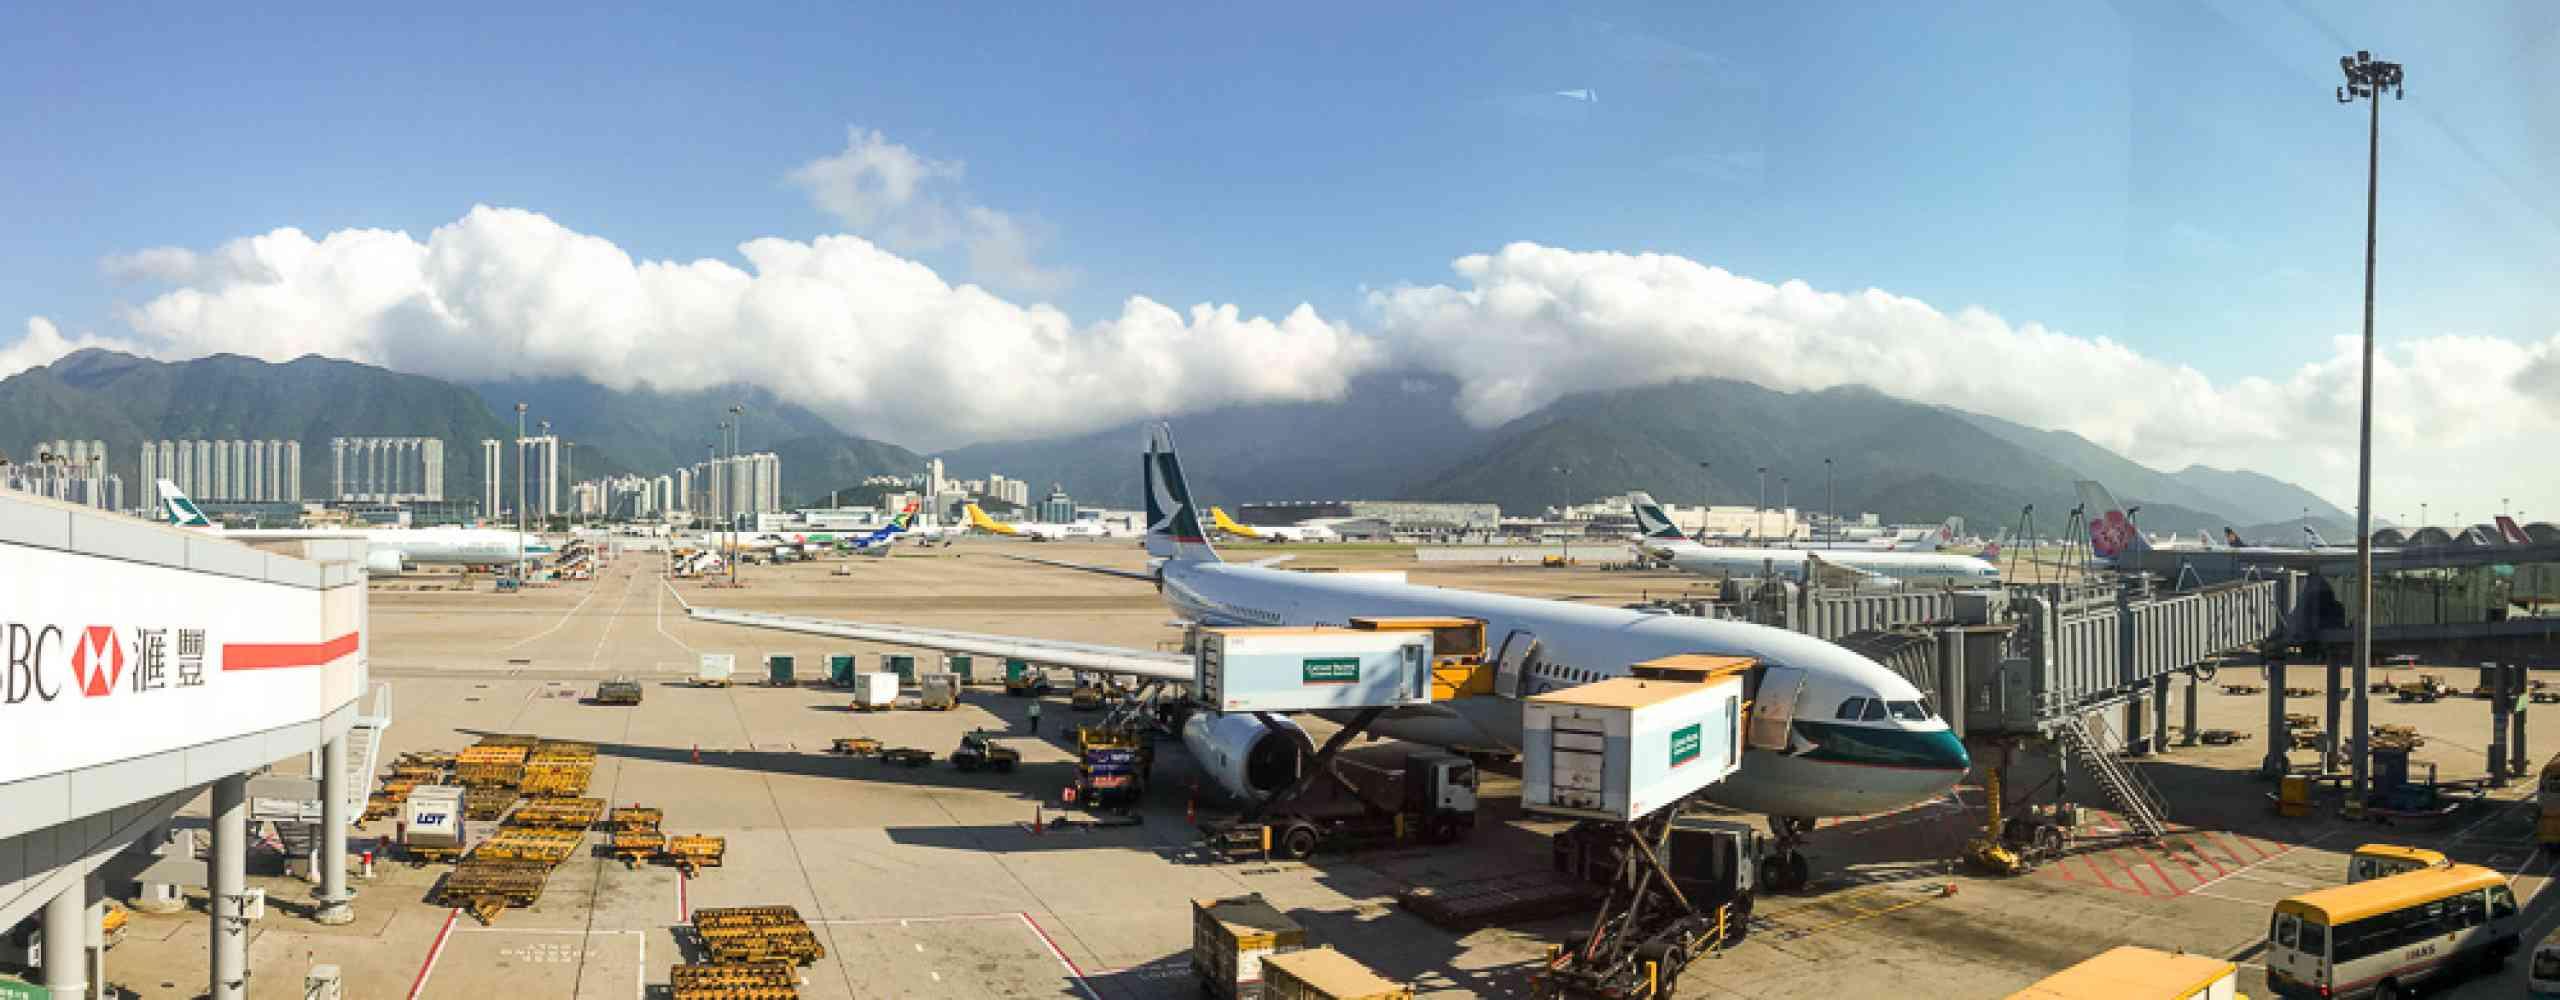 HongKongInternationalAirport